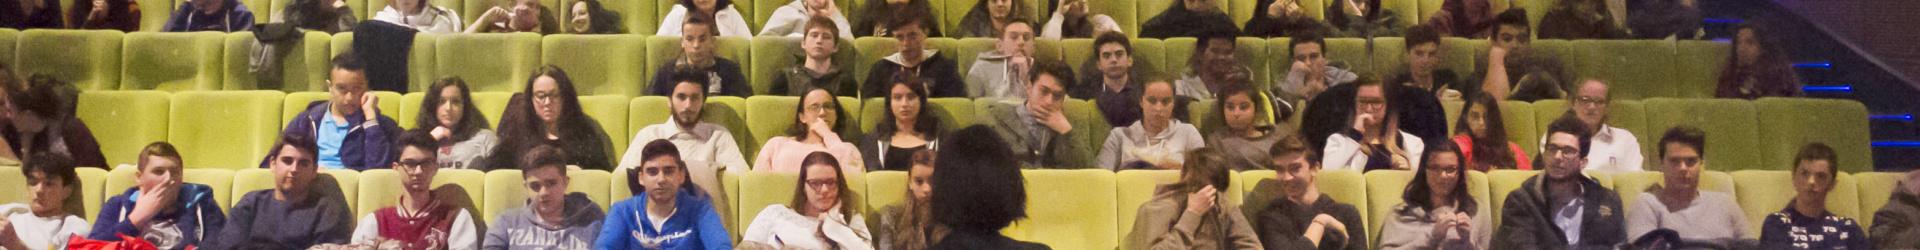 Alice Filippi incontra i ragazzi di CineLab al CuneoFilmFestival